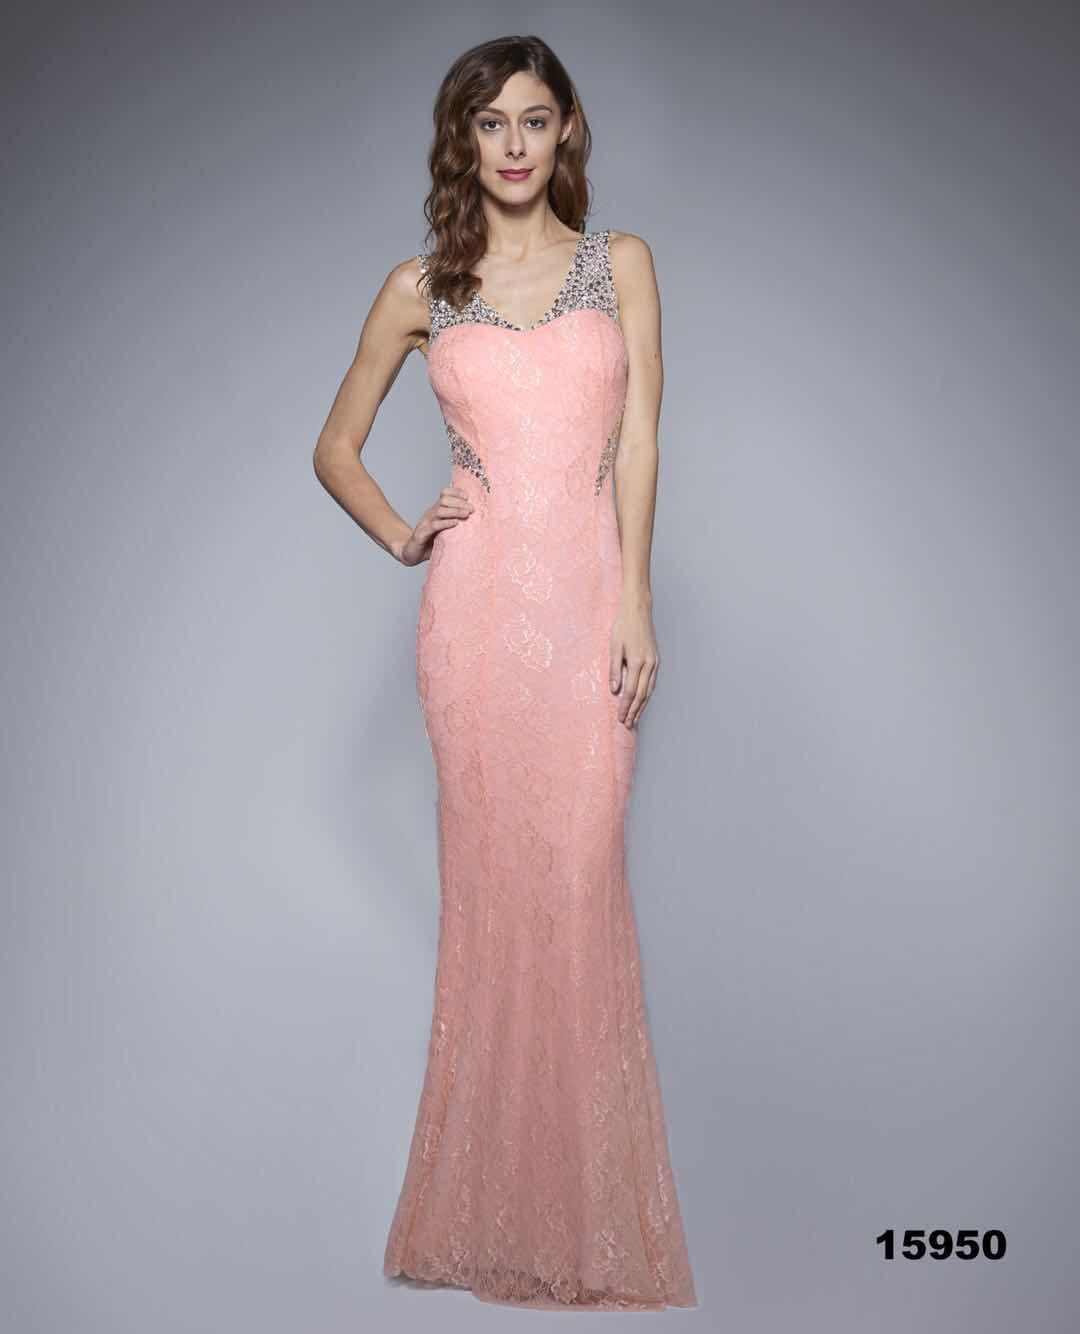 Vestilino, vestidos largos fiesta al por mayor en Cobo Calleja ...